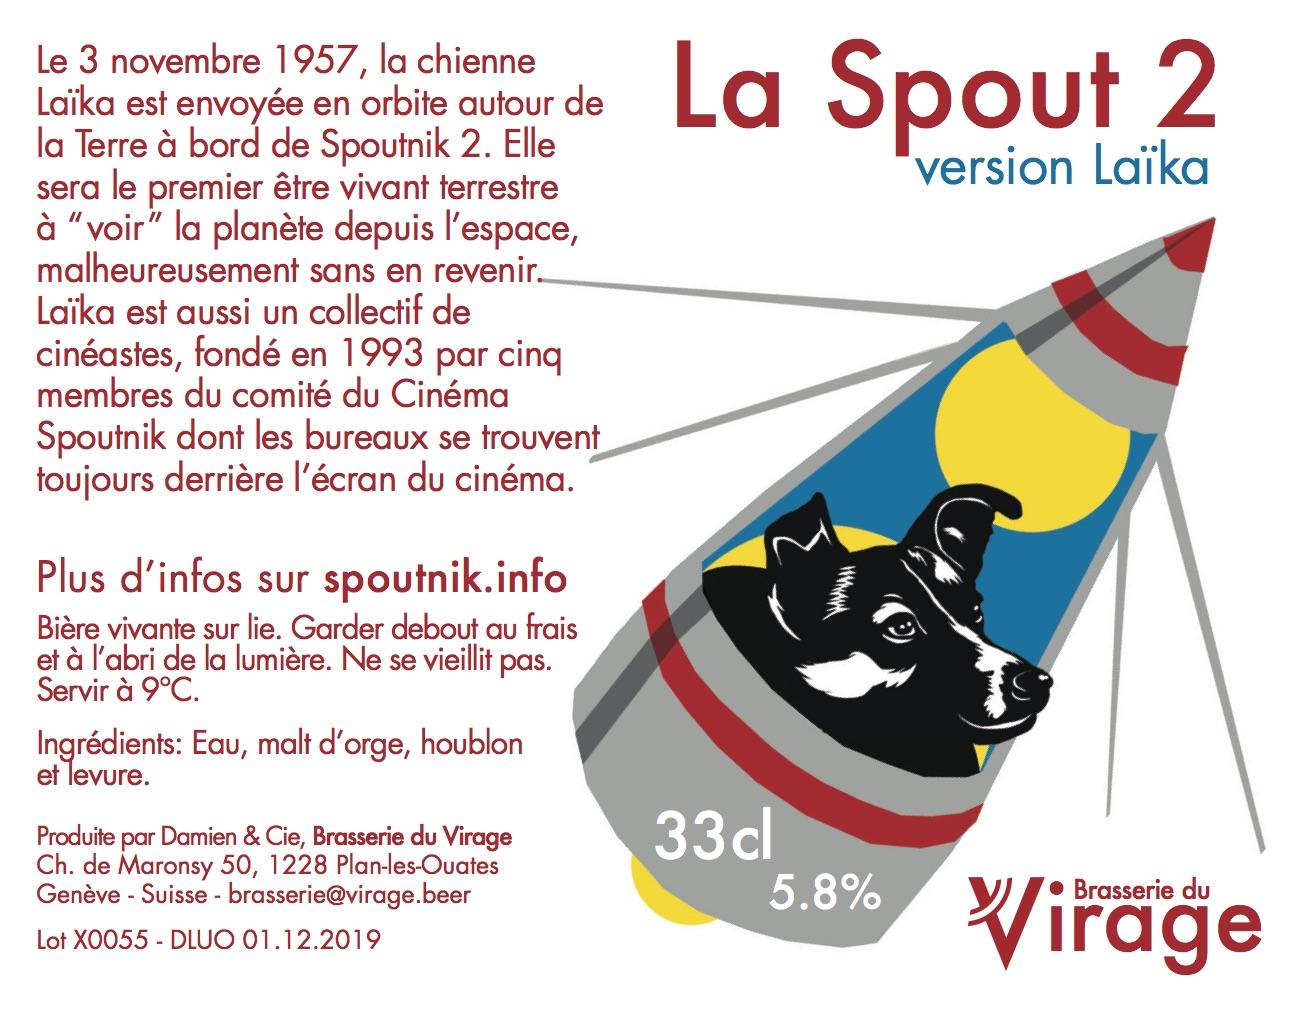 La spout 2 laïka cinéma spoutnik brasserie du virage